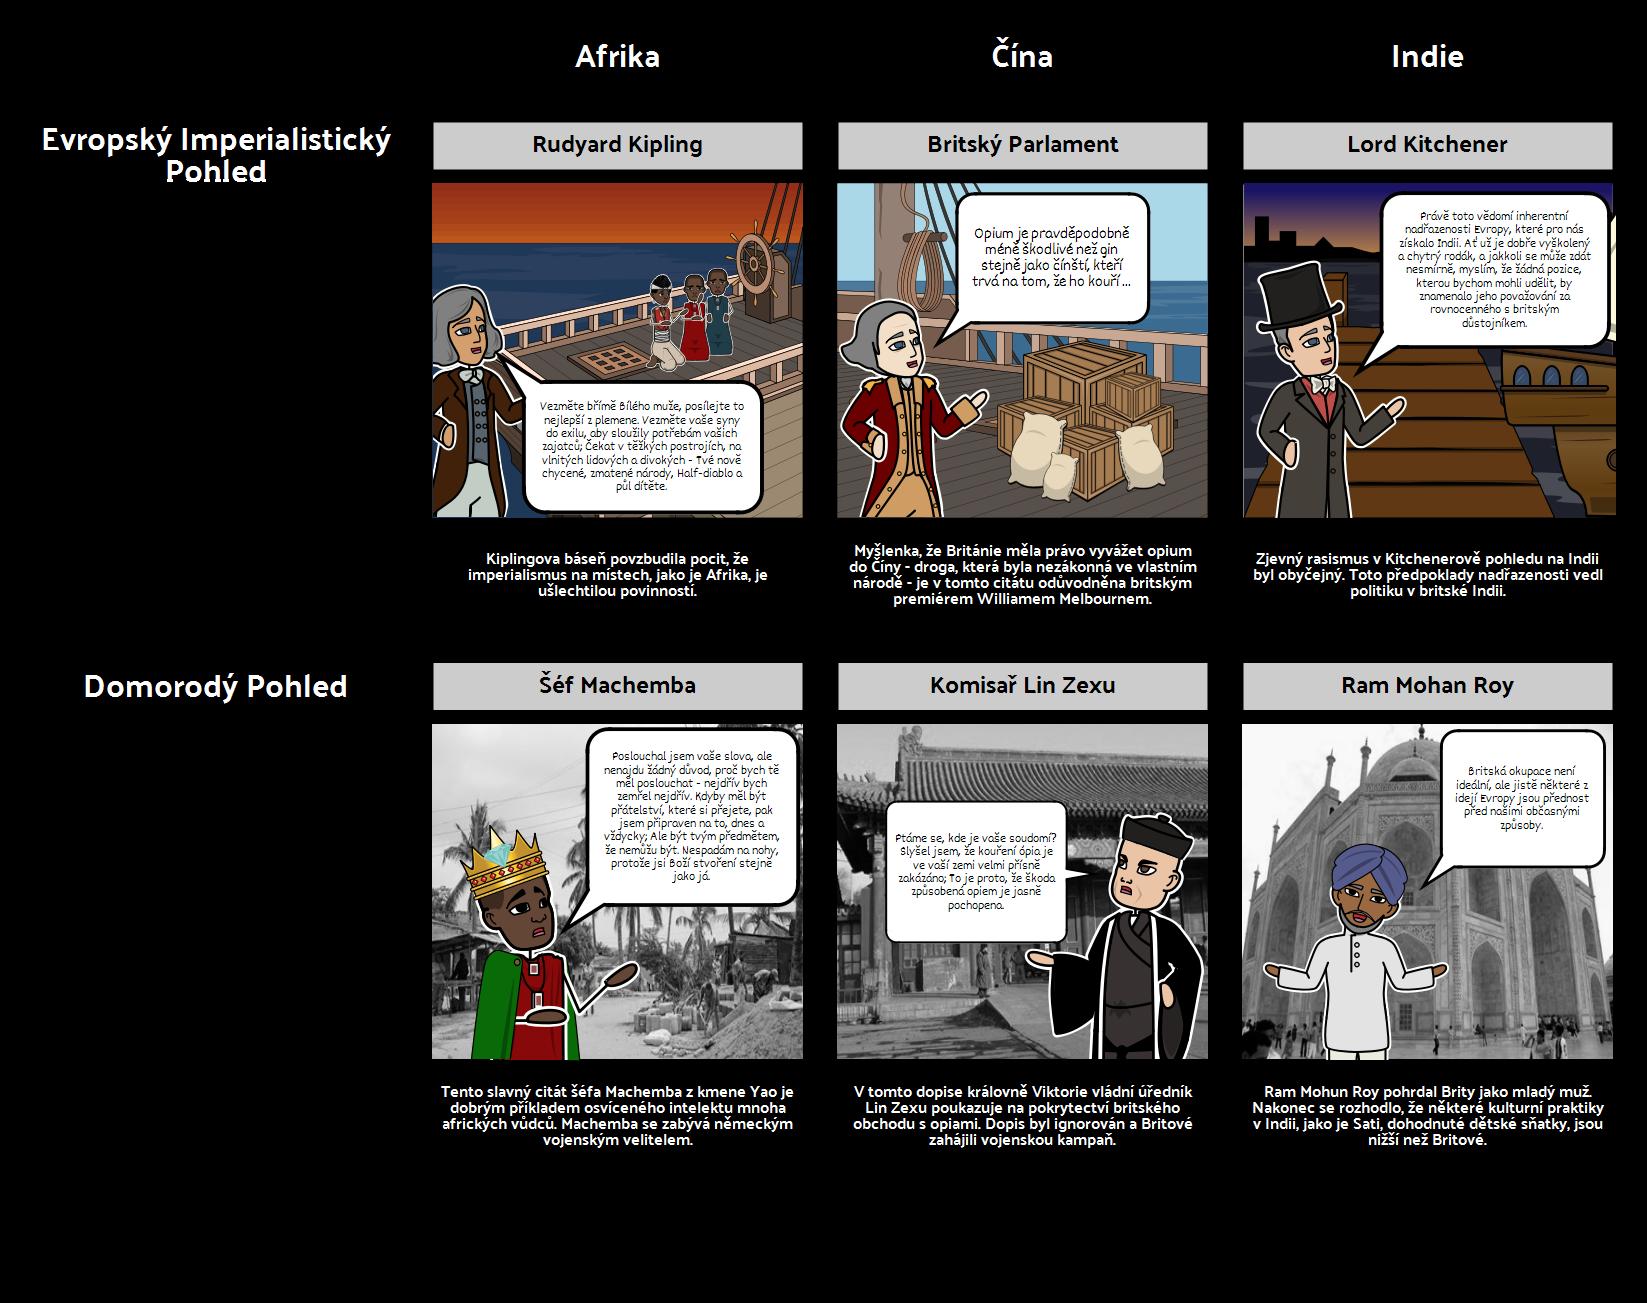 Historie Imperialismu - Kontrastní POV: Imperialistická vs. Domorodých